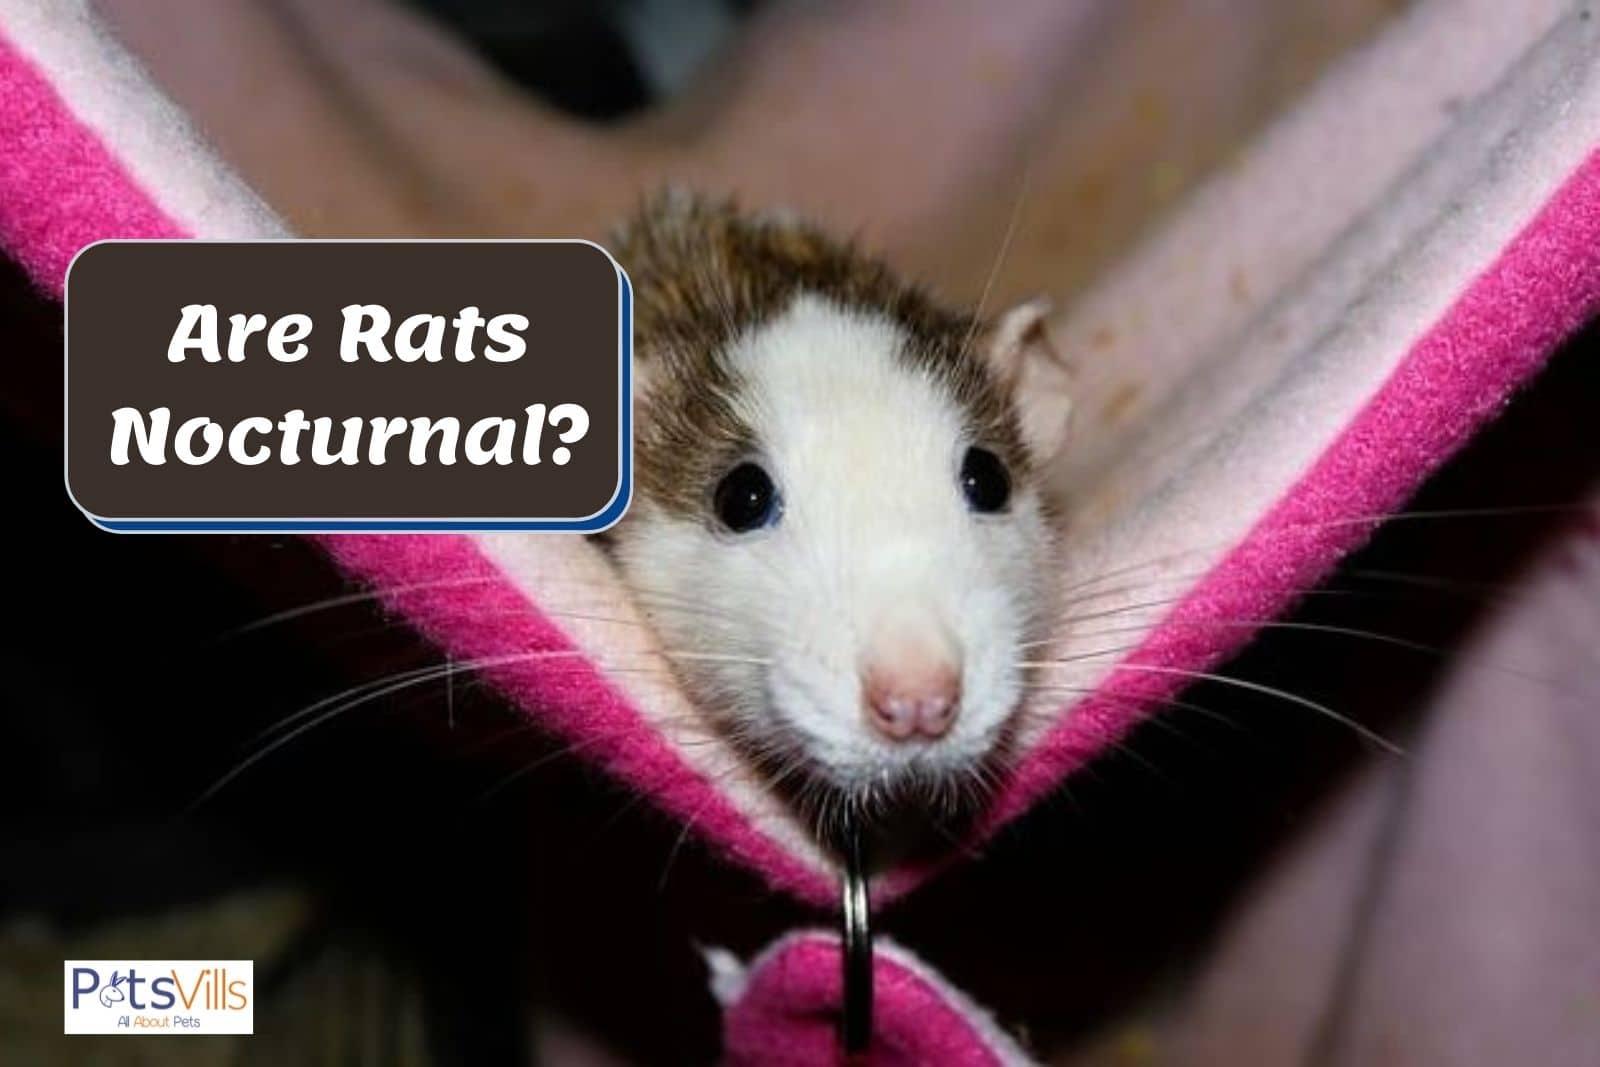 a rat is preparing to sleep